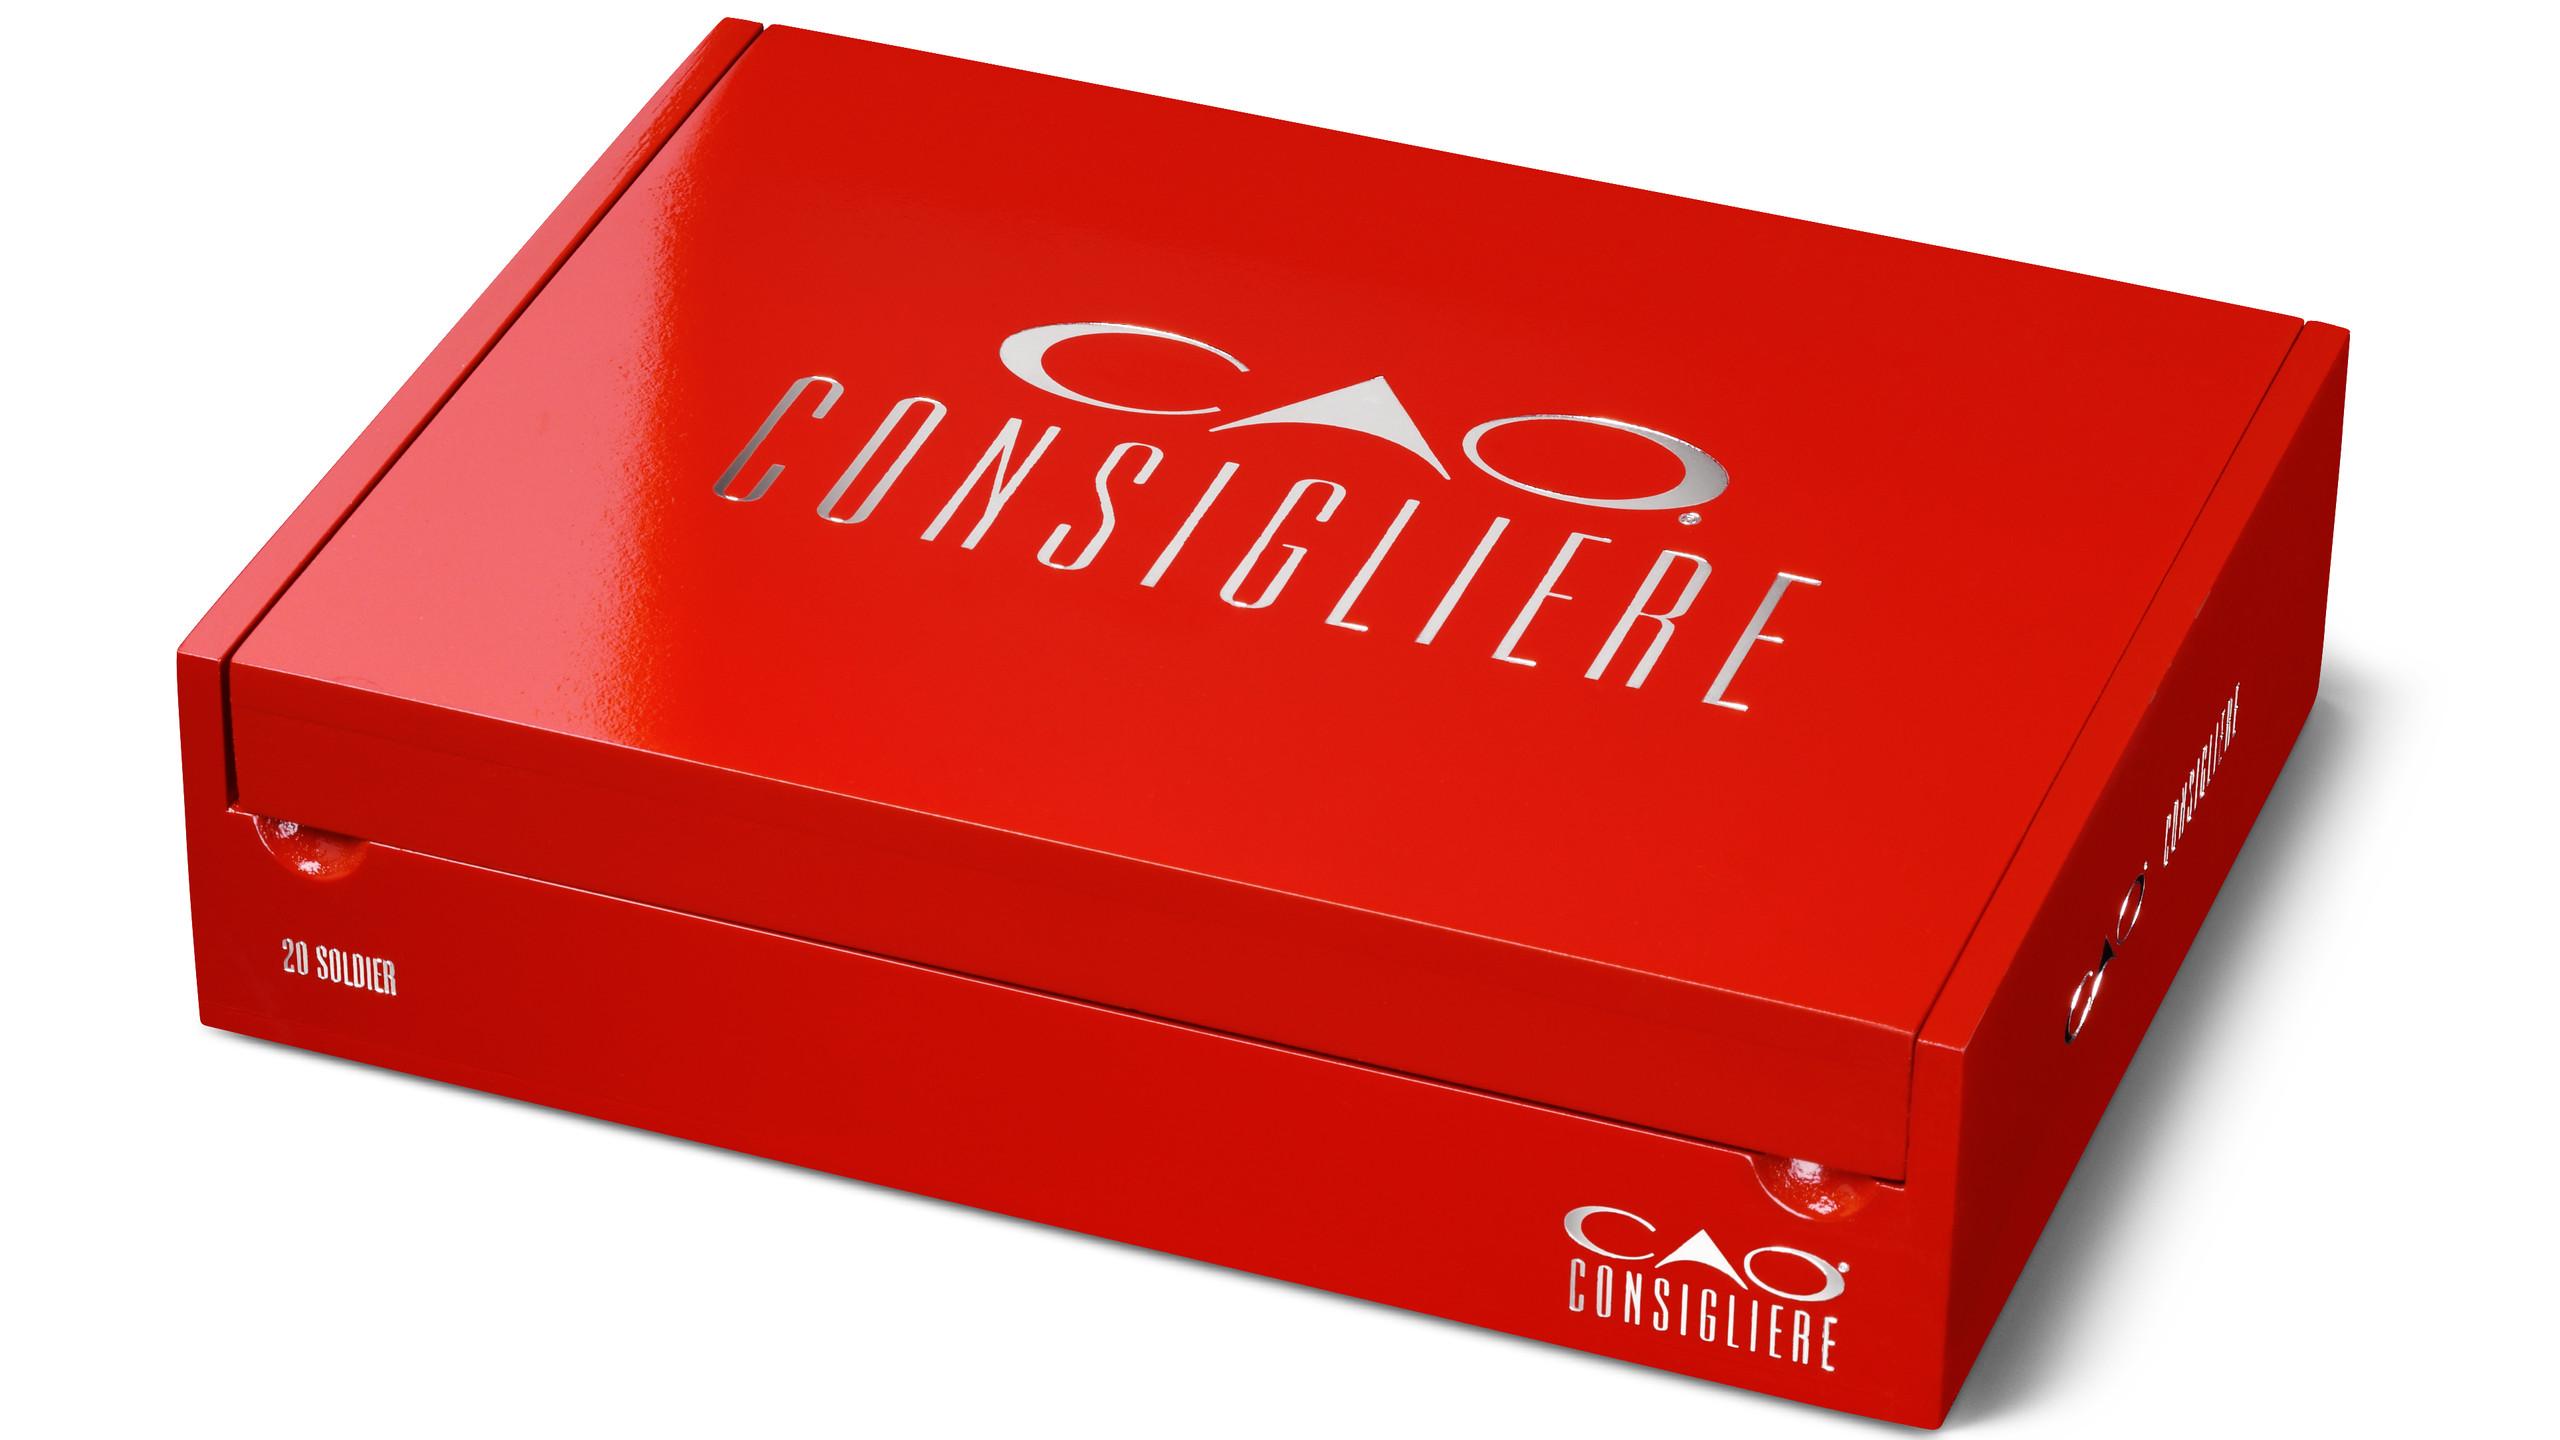 CAO Consigliere box